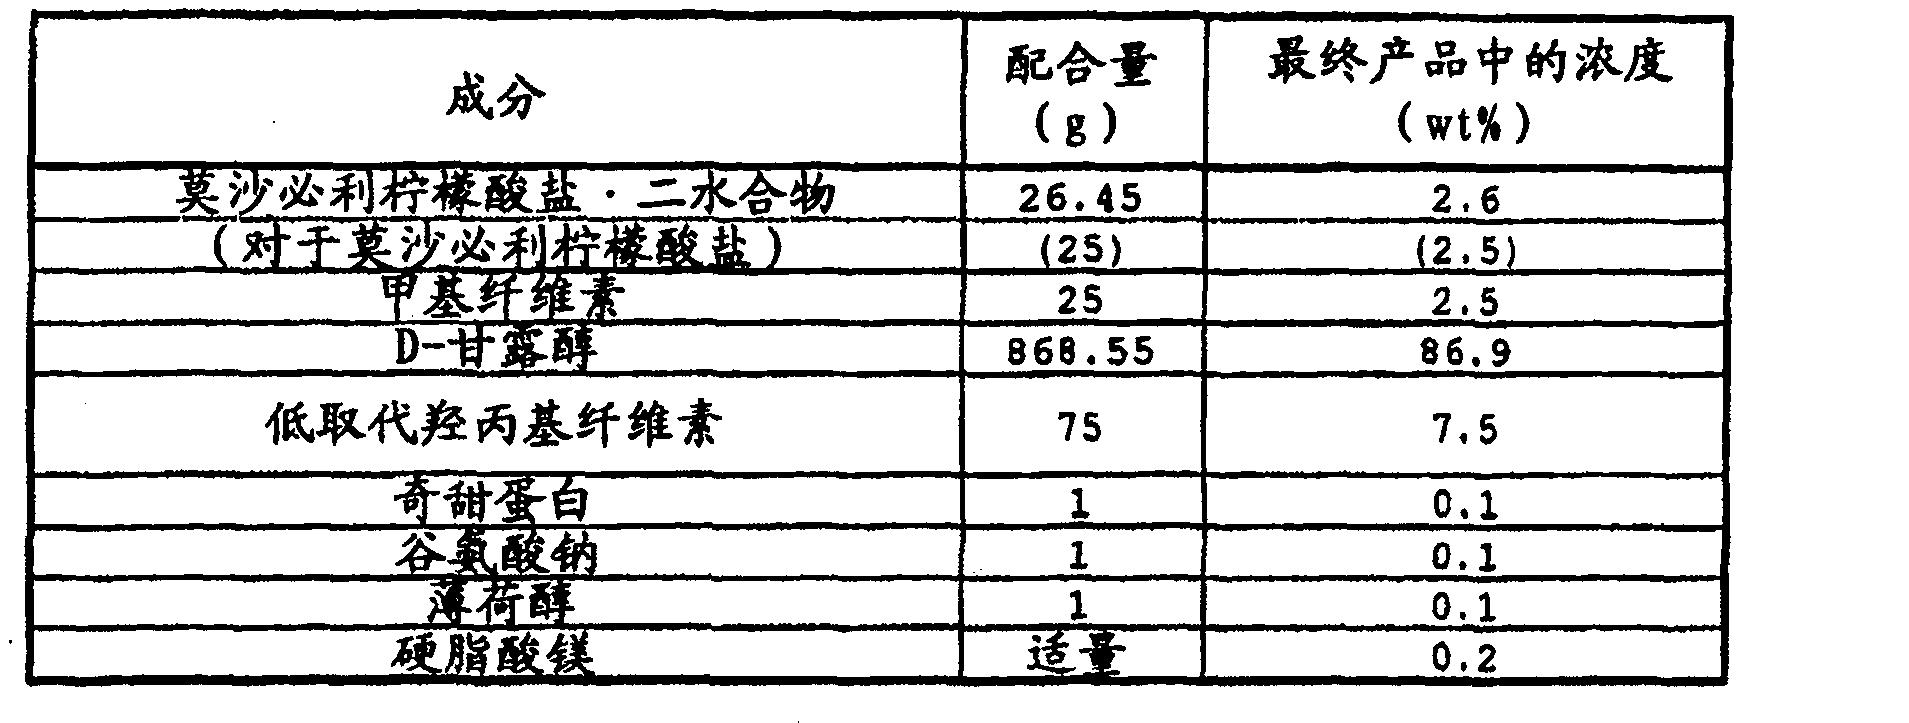 Figure CN1913876BD00162